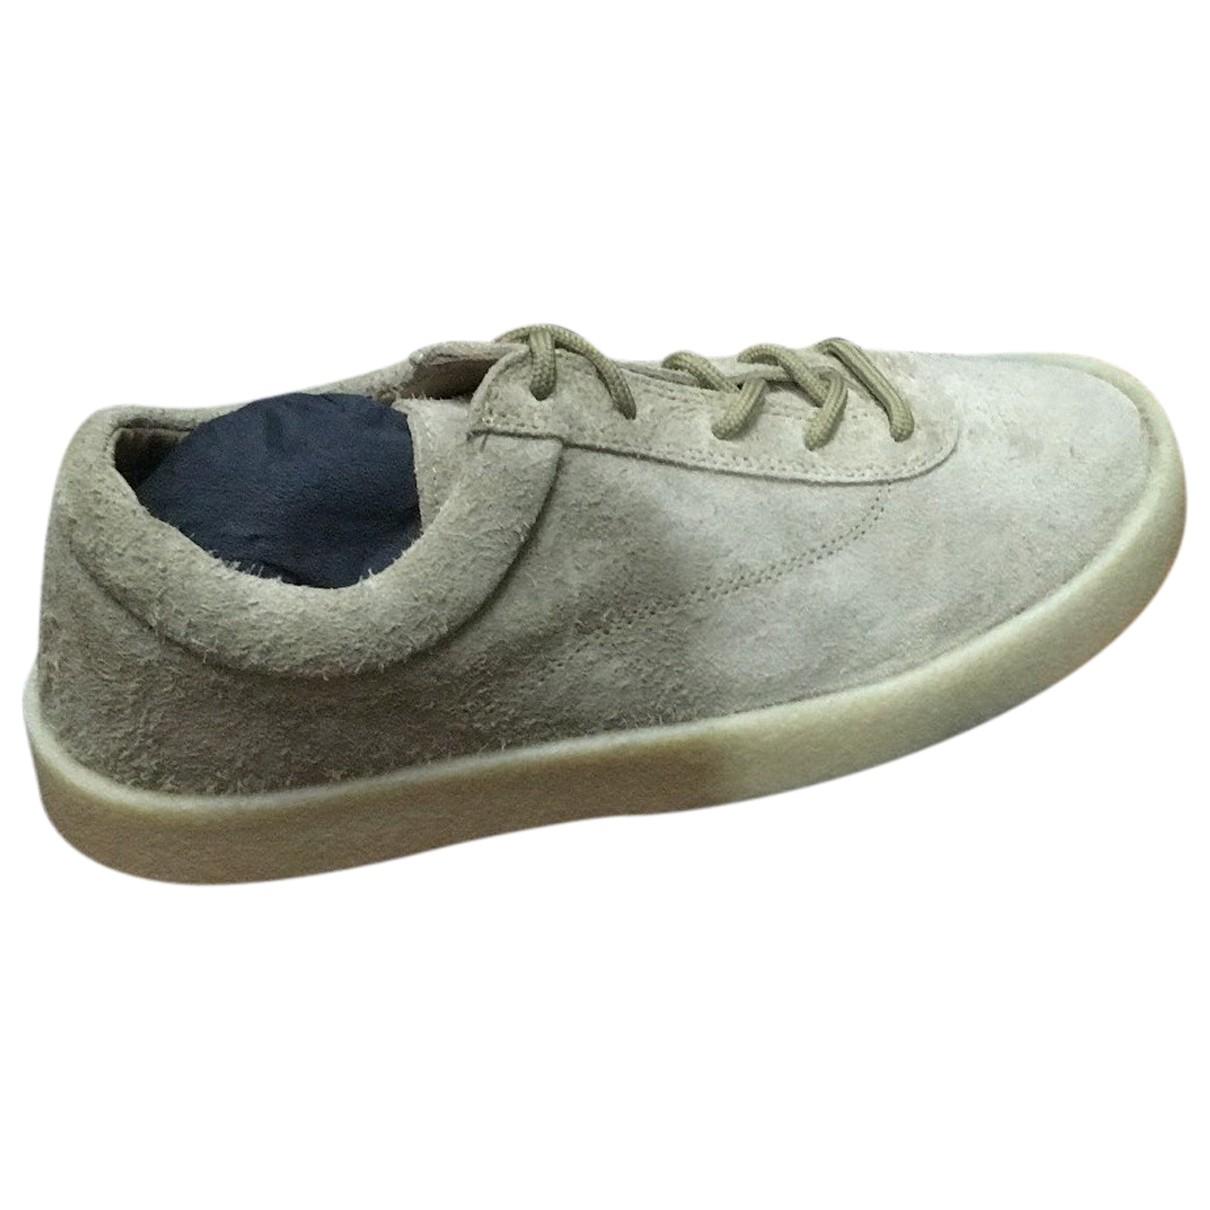 Yeezy - Baskets   pour homme en suede - gris